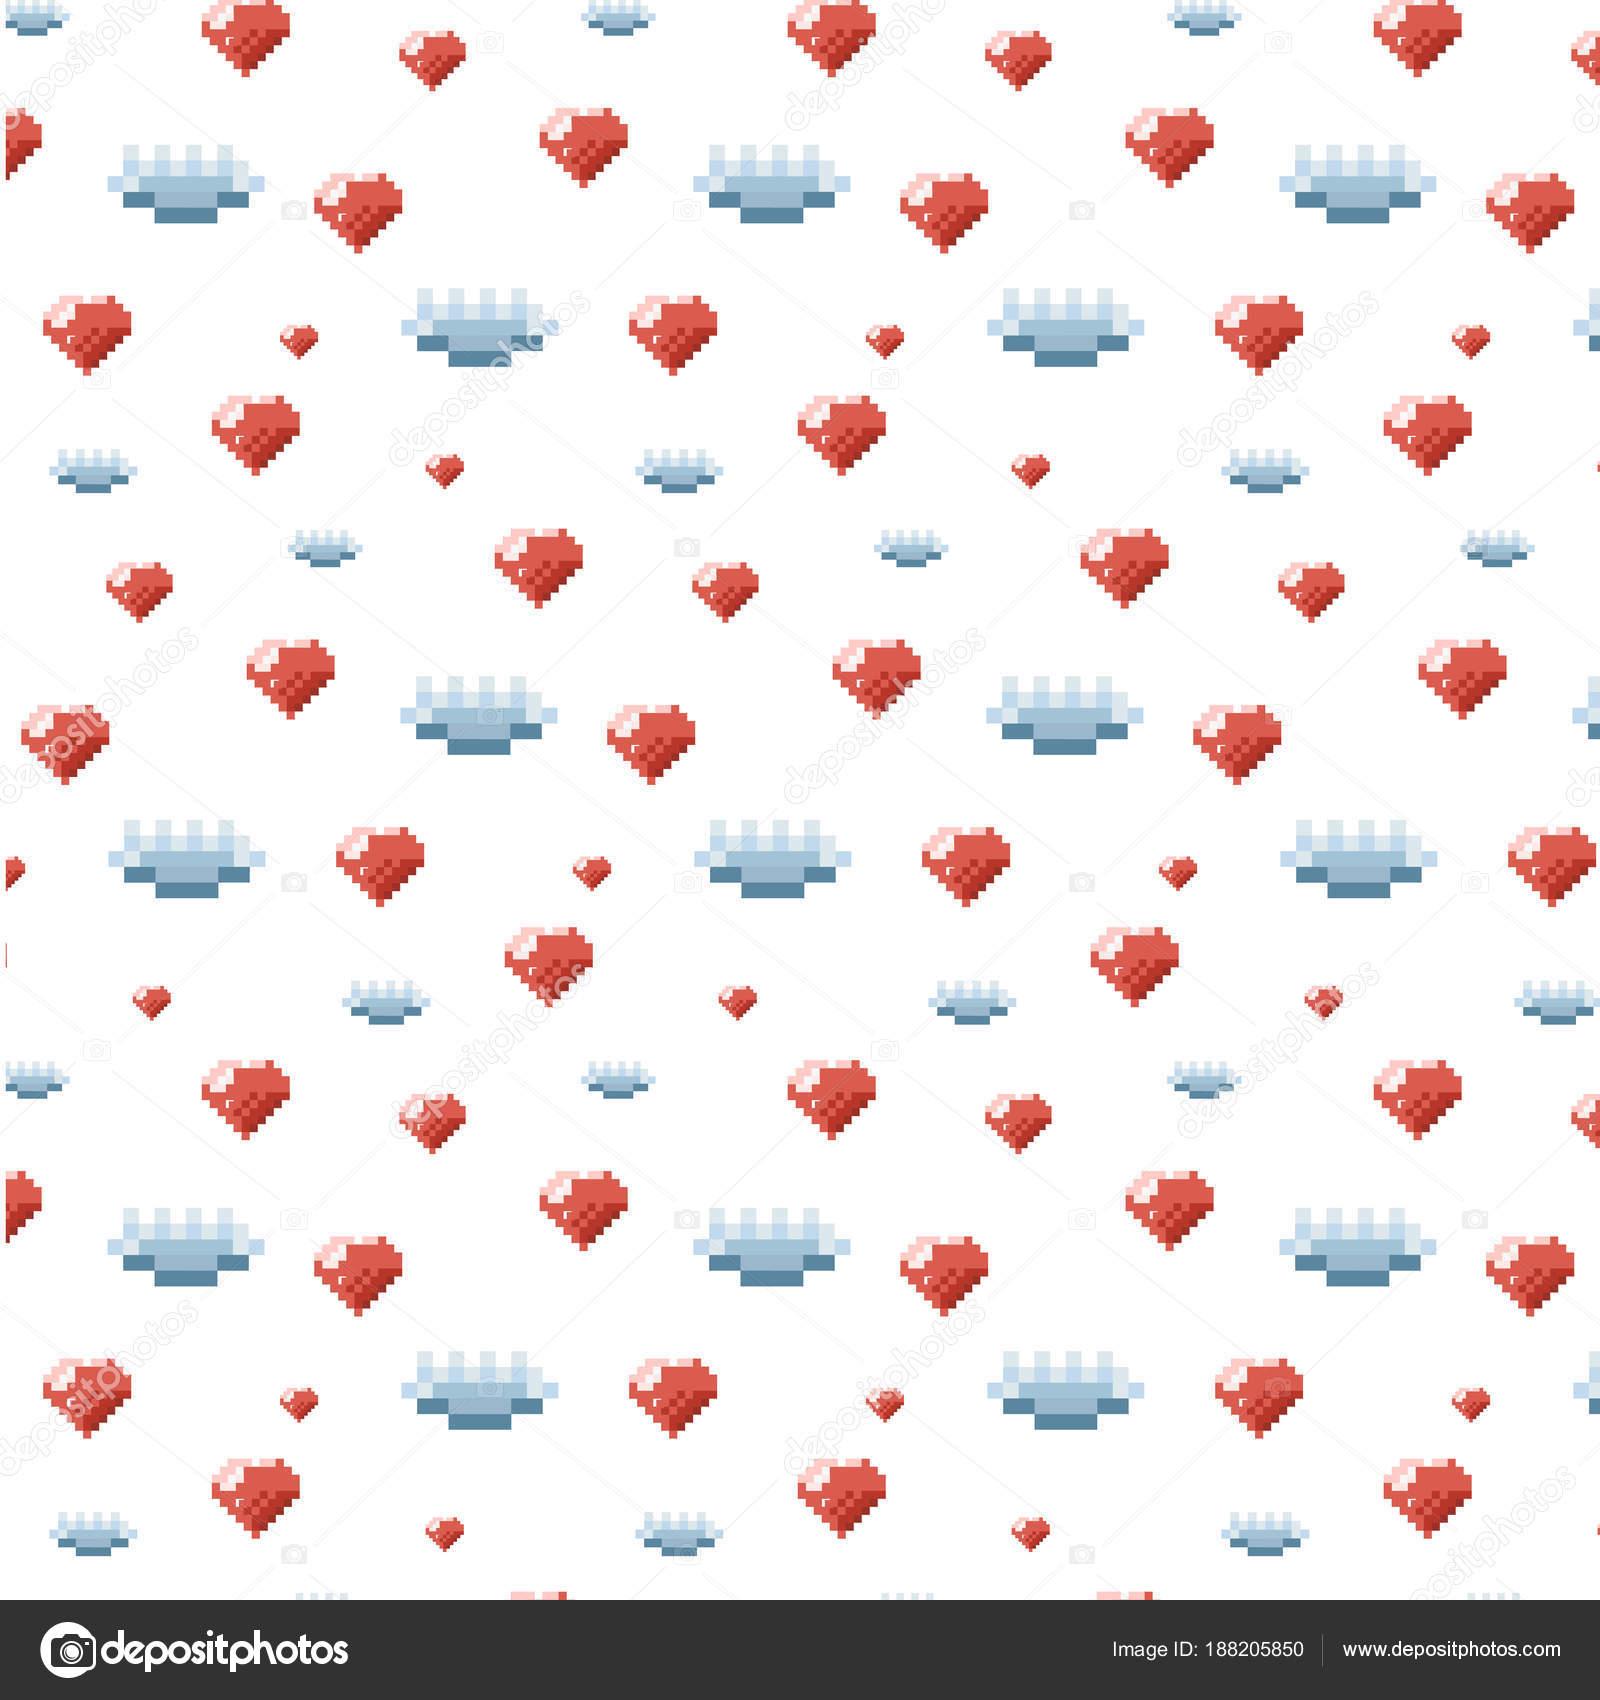 Modèle Ornement Pixel Art Avec Coeur Orange Nuage Bleu Sur